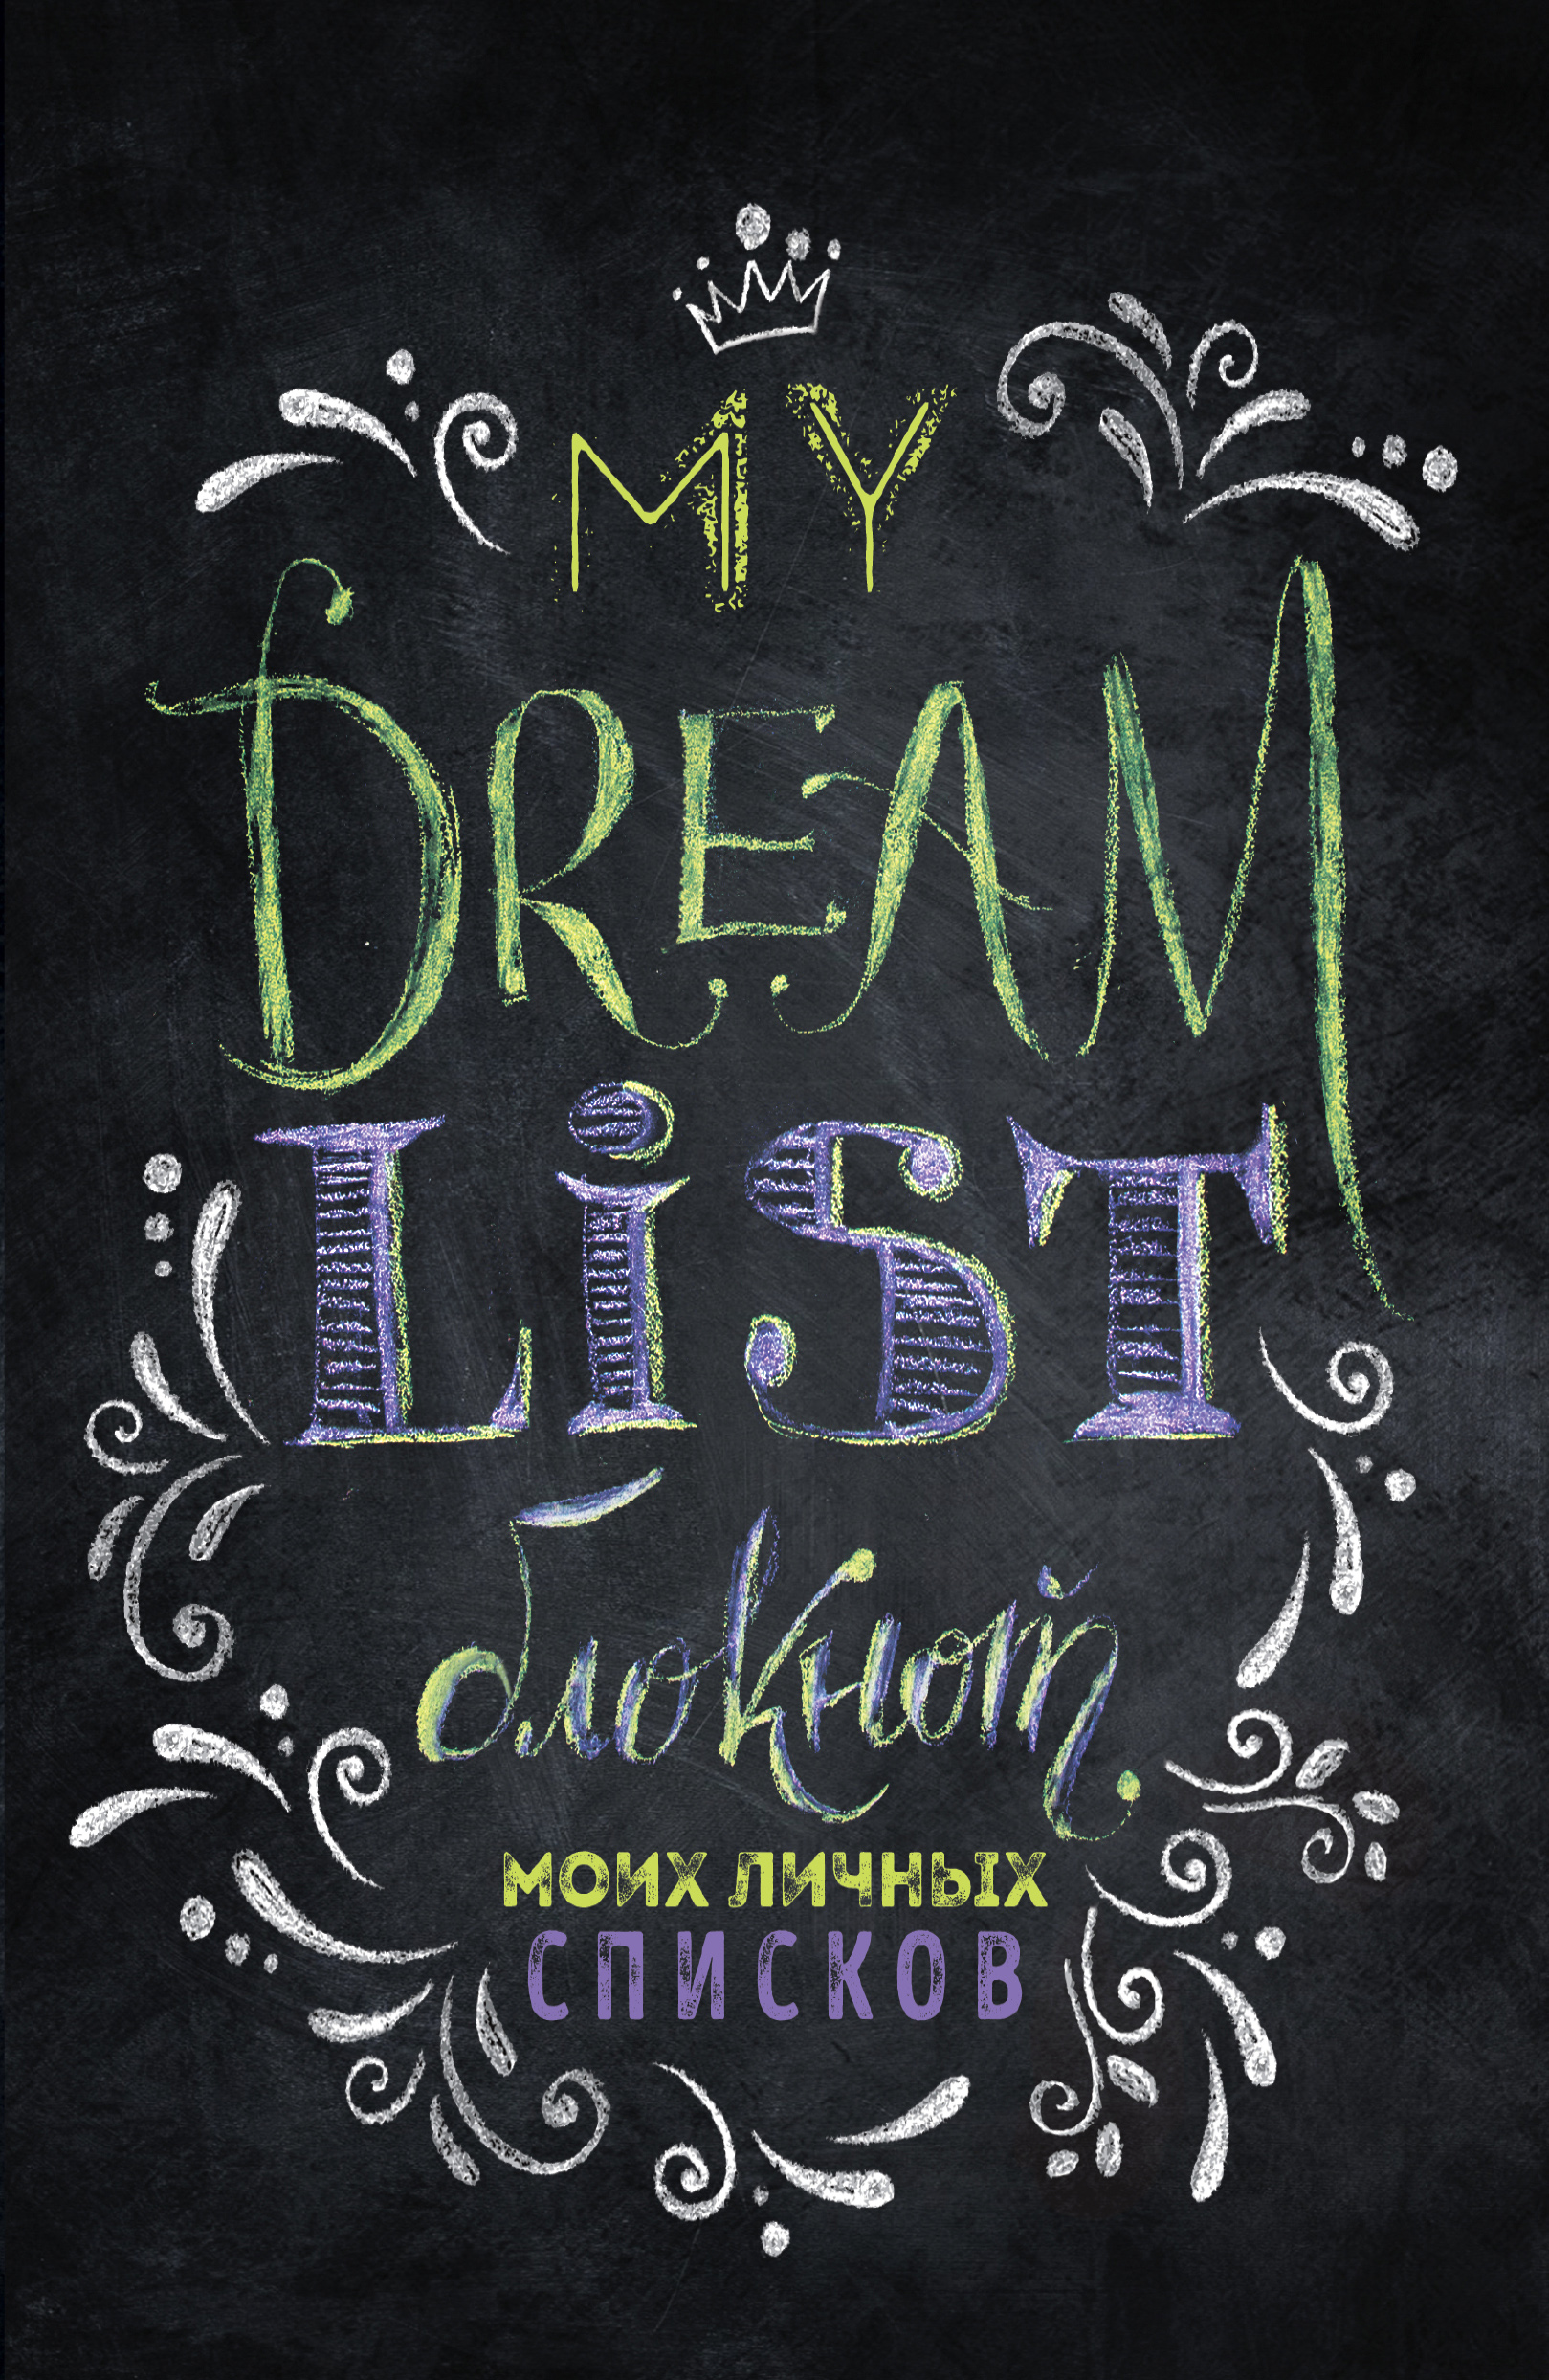 My dream list. Блокнот моих личных списков (черная обложка)